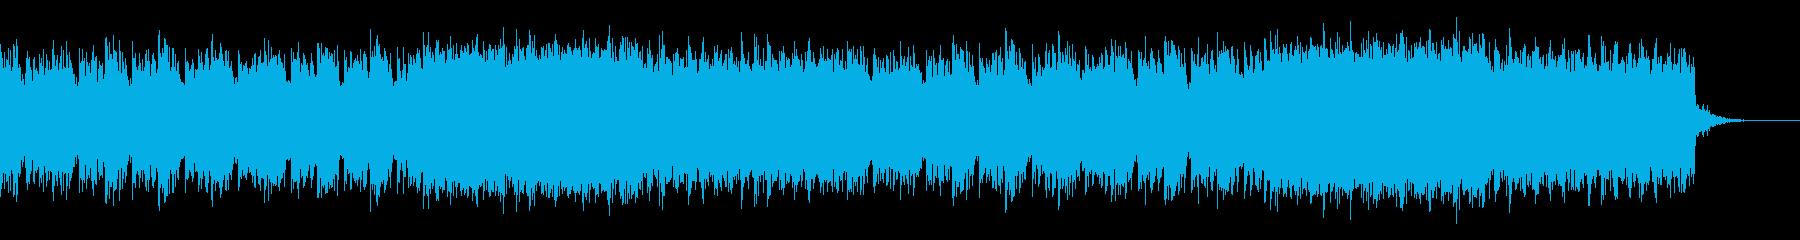 メロディーの再生済みの波形